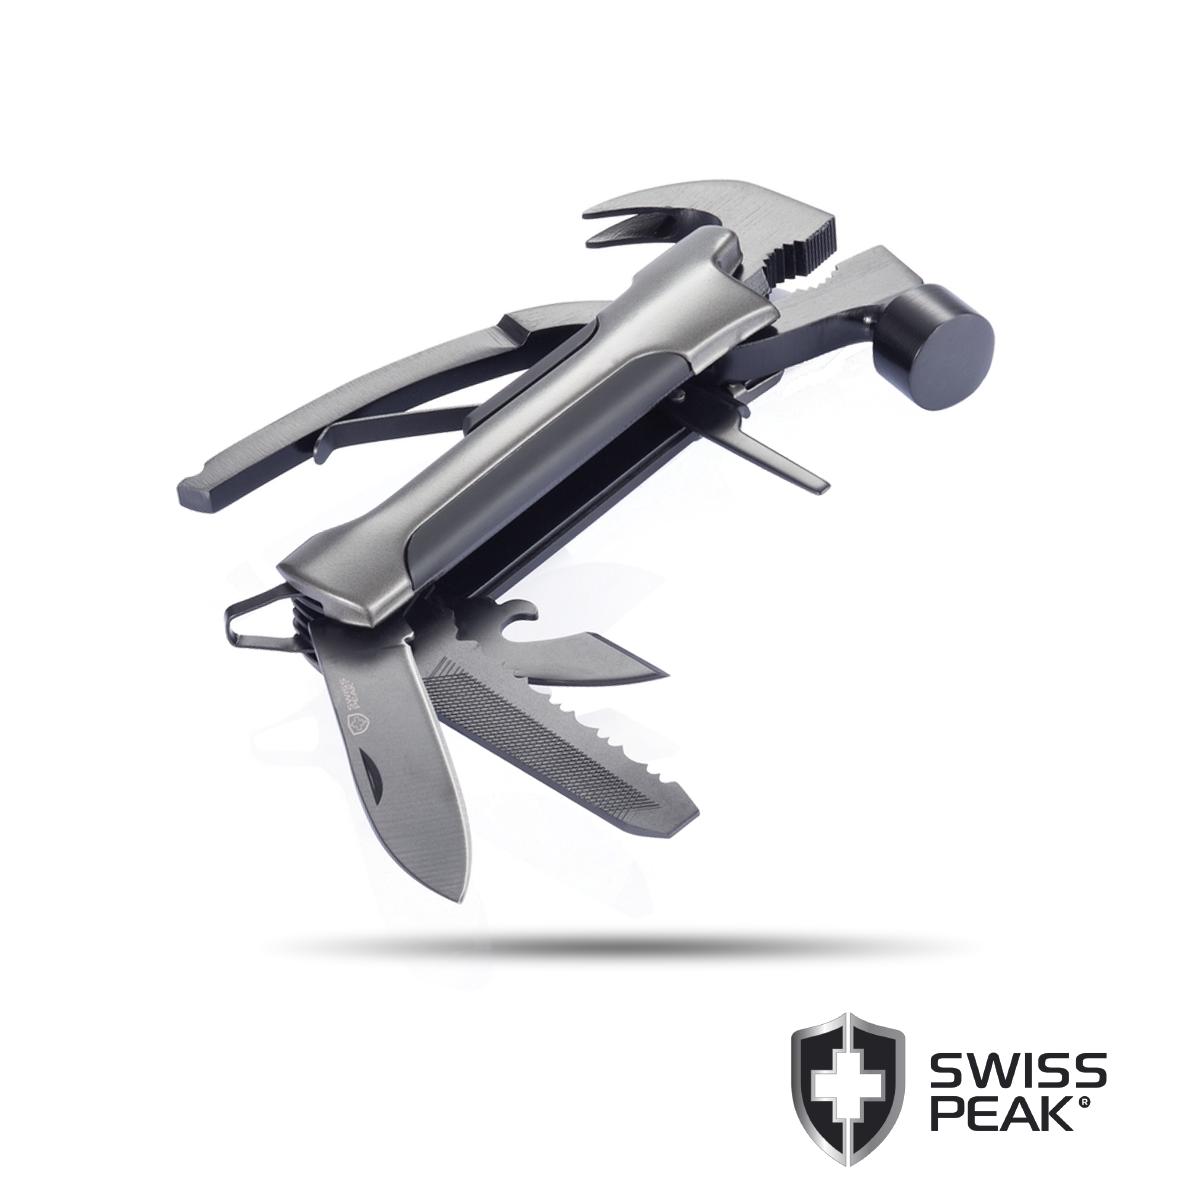 Multitool Hammer Swiss Peak